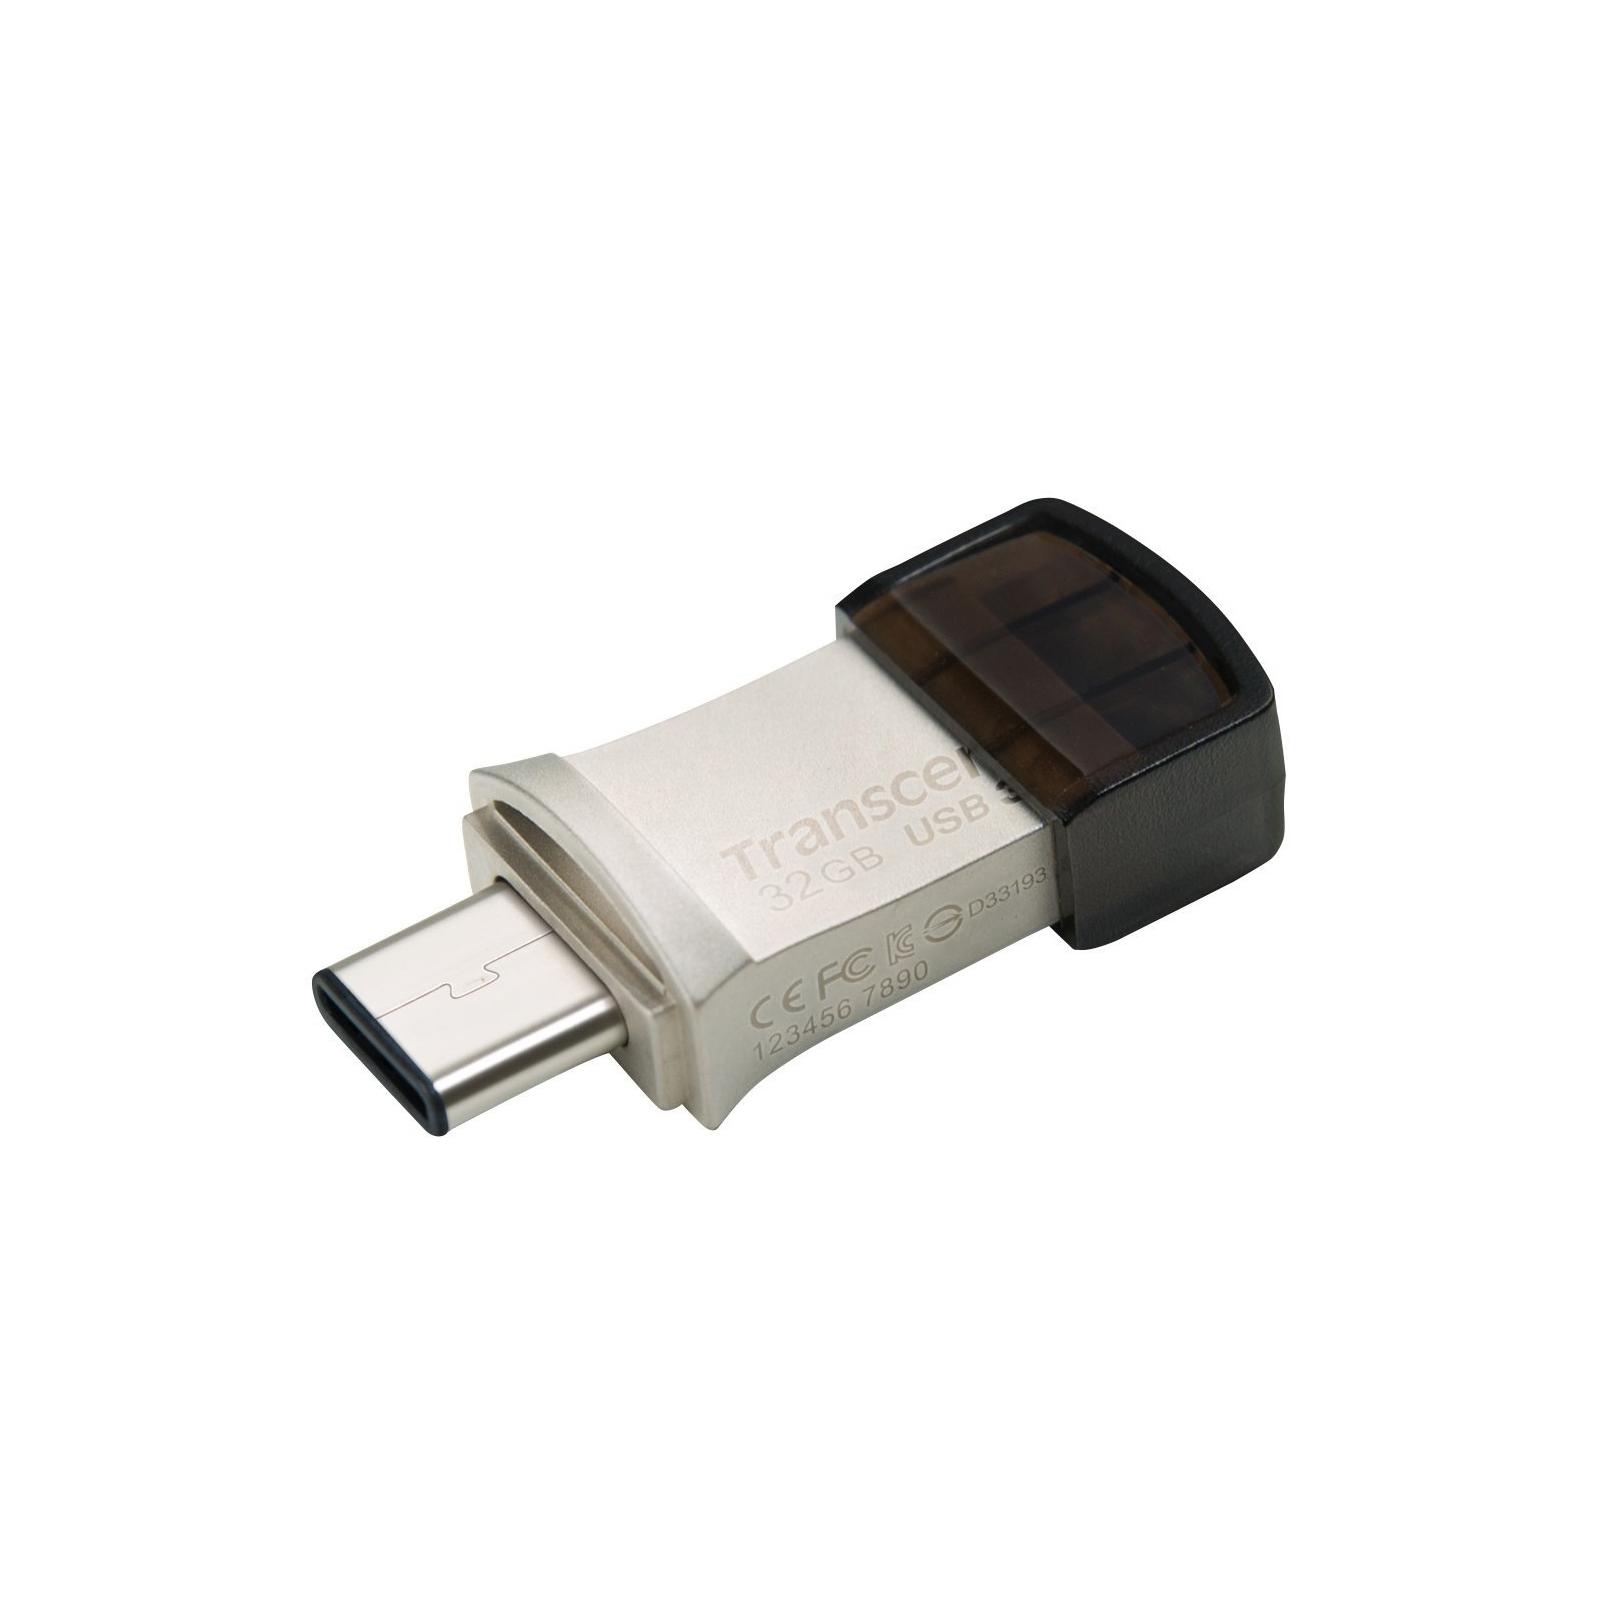 USB флеш накопитель Transcend 32GB JetFlash 890S Silver USB 3.1 (TS32GJF890S) изображение 3